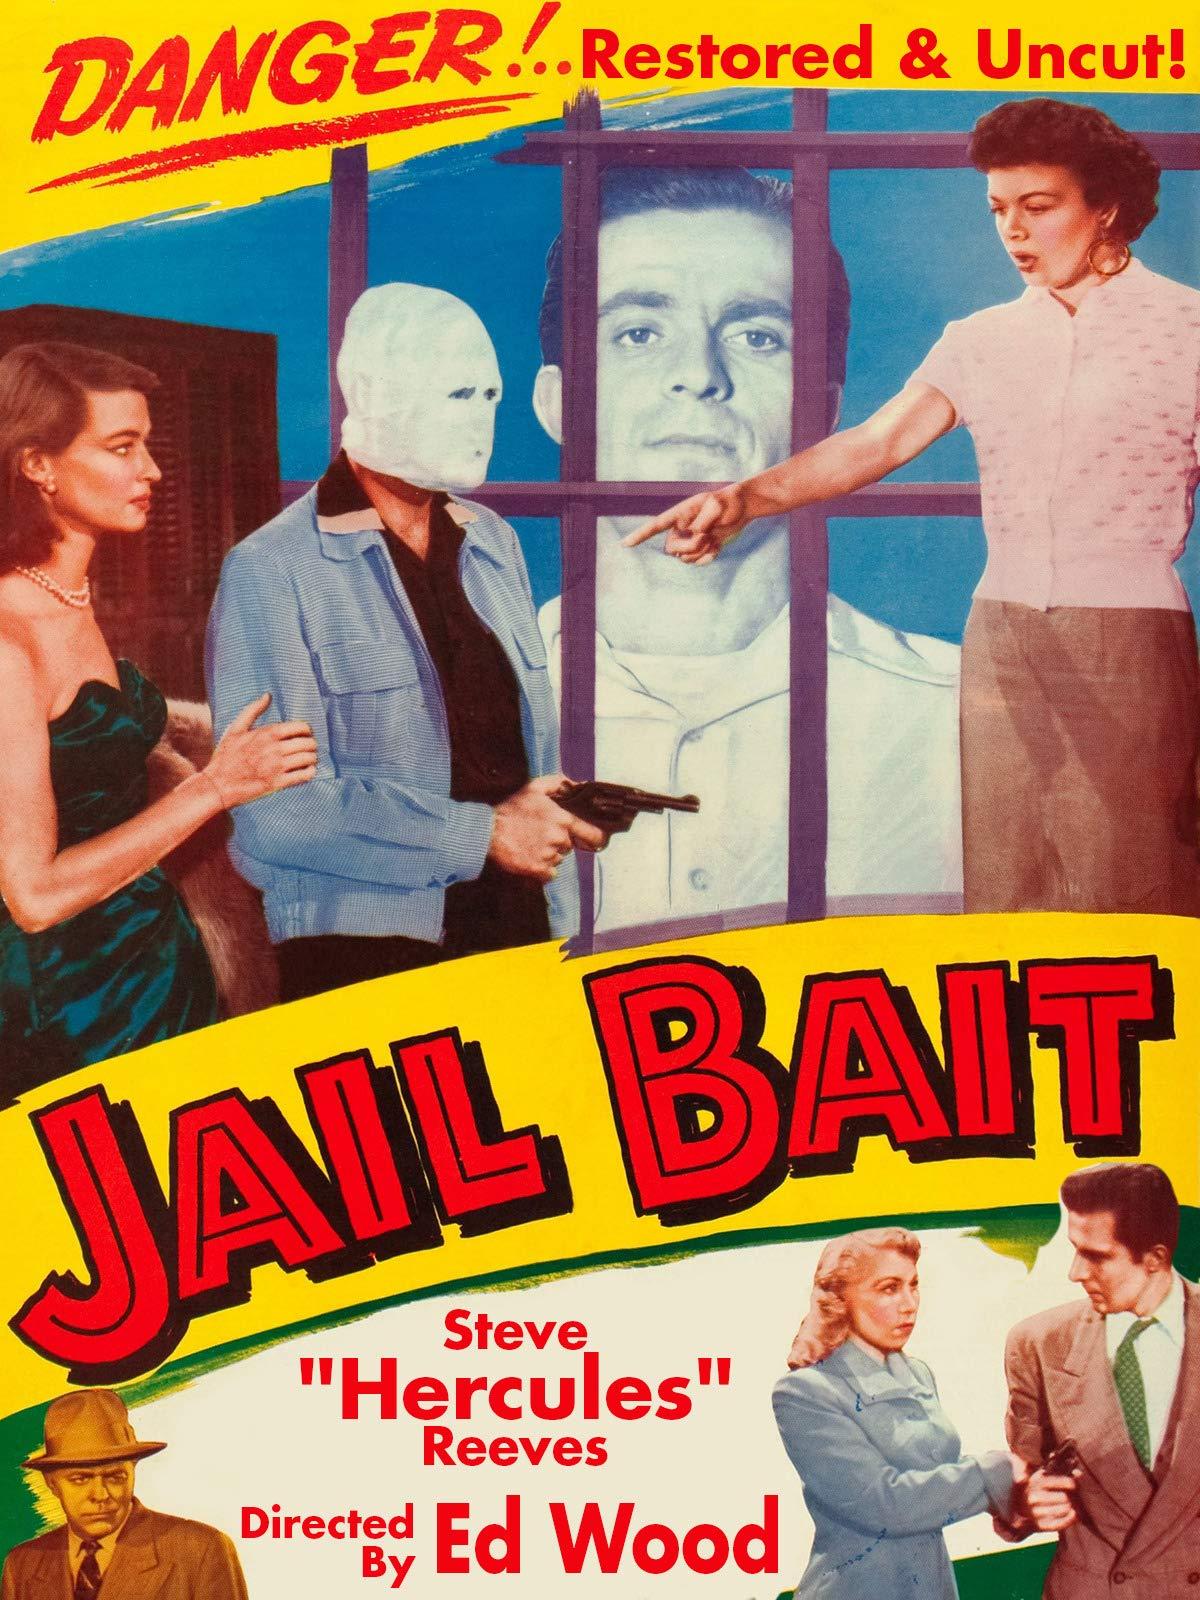 """Jail Bait - Steve """"Hercules"""" Reeves, Directed By Ed Wood, Restored & Uncut!"""